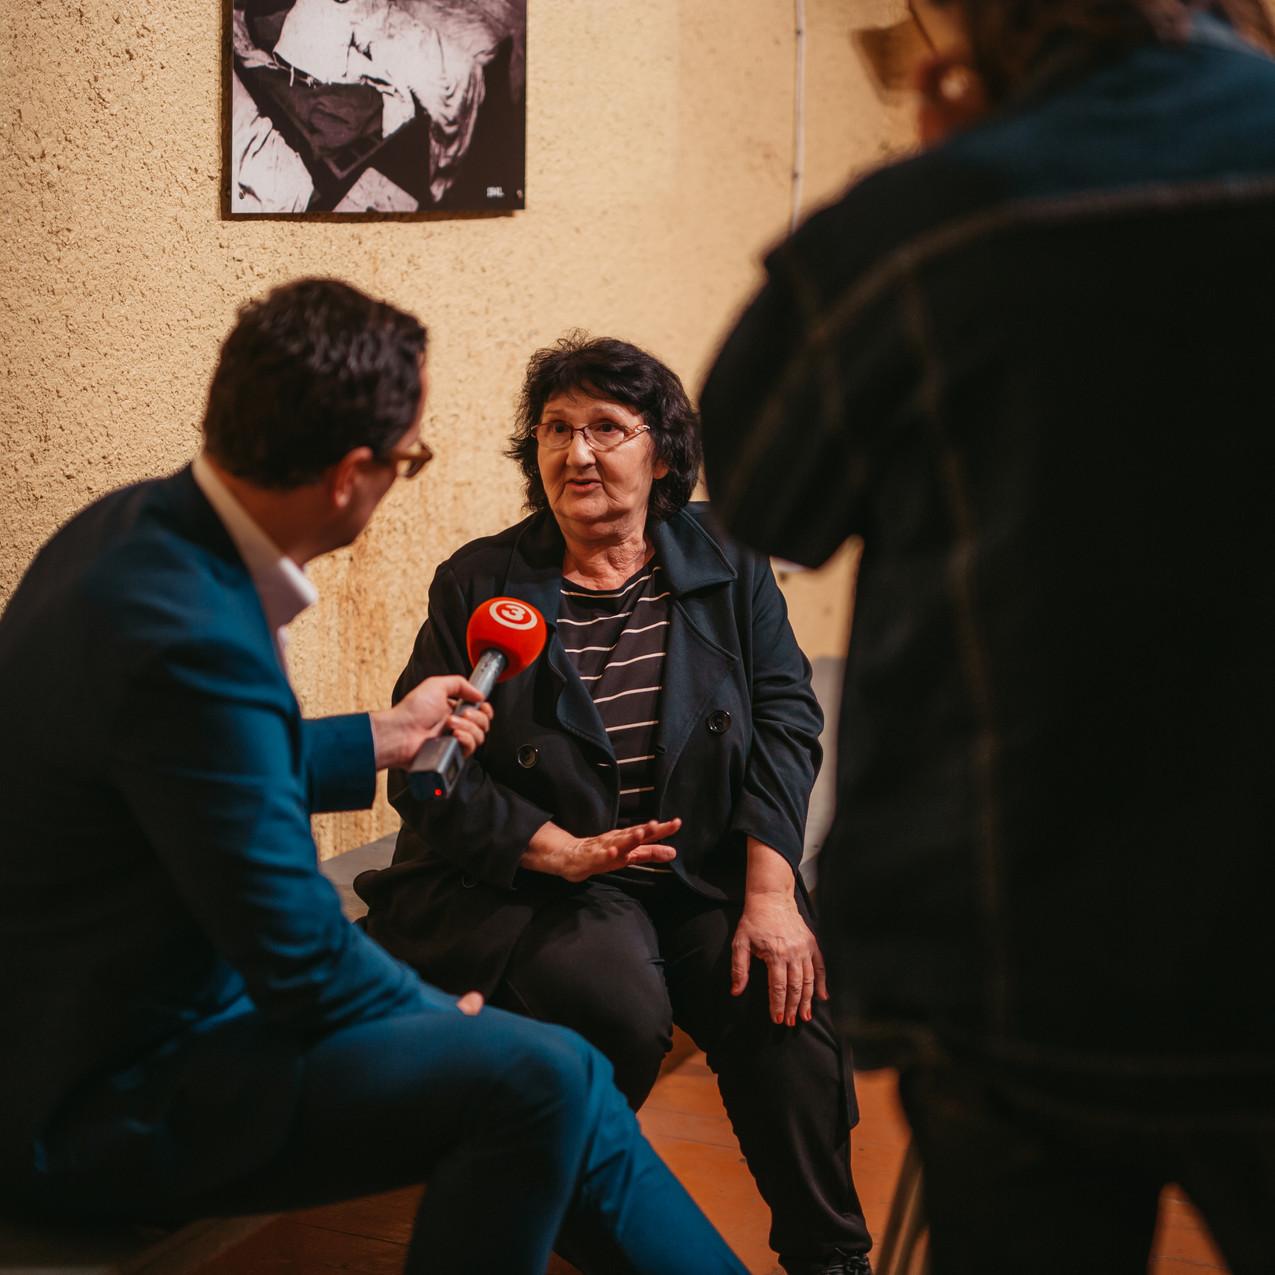 Izrelas_Filma-57